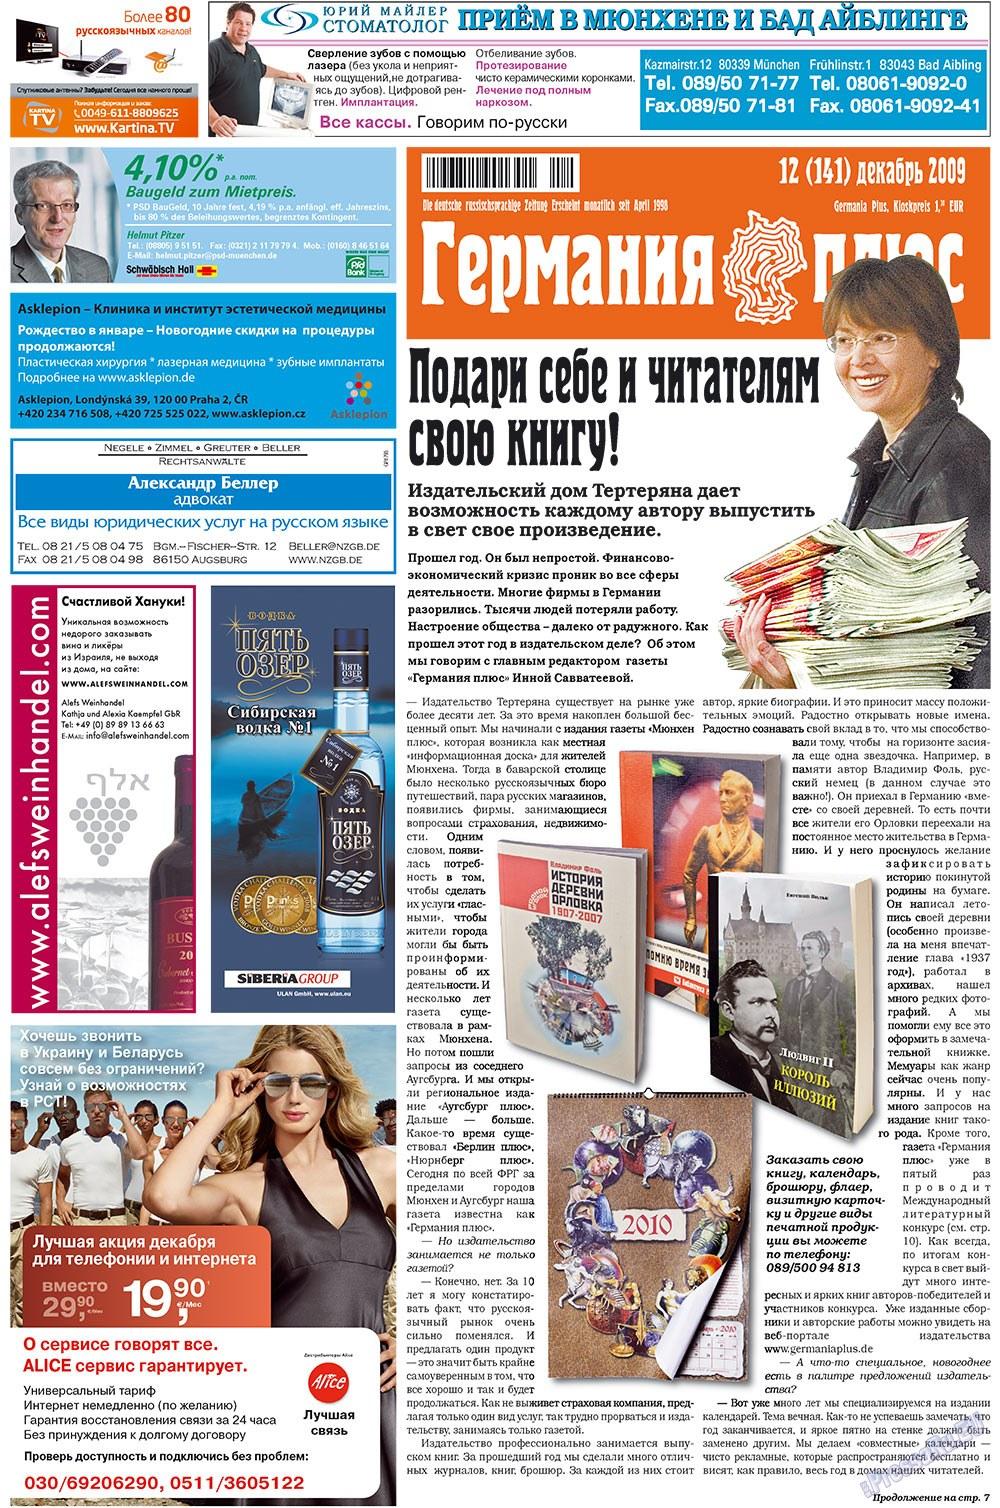 Германия плюс (газета). 2009 год, номер 12, стр. 1